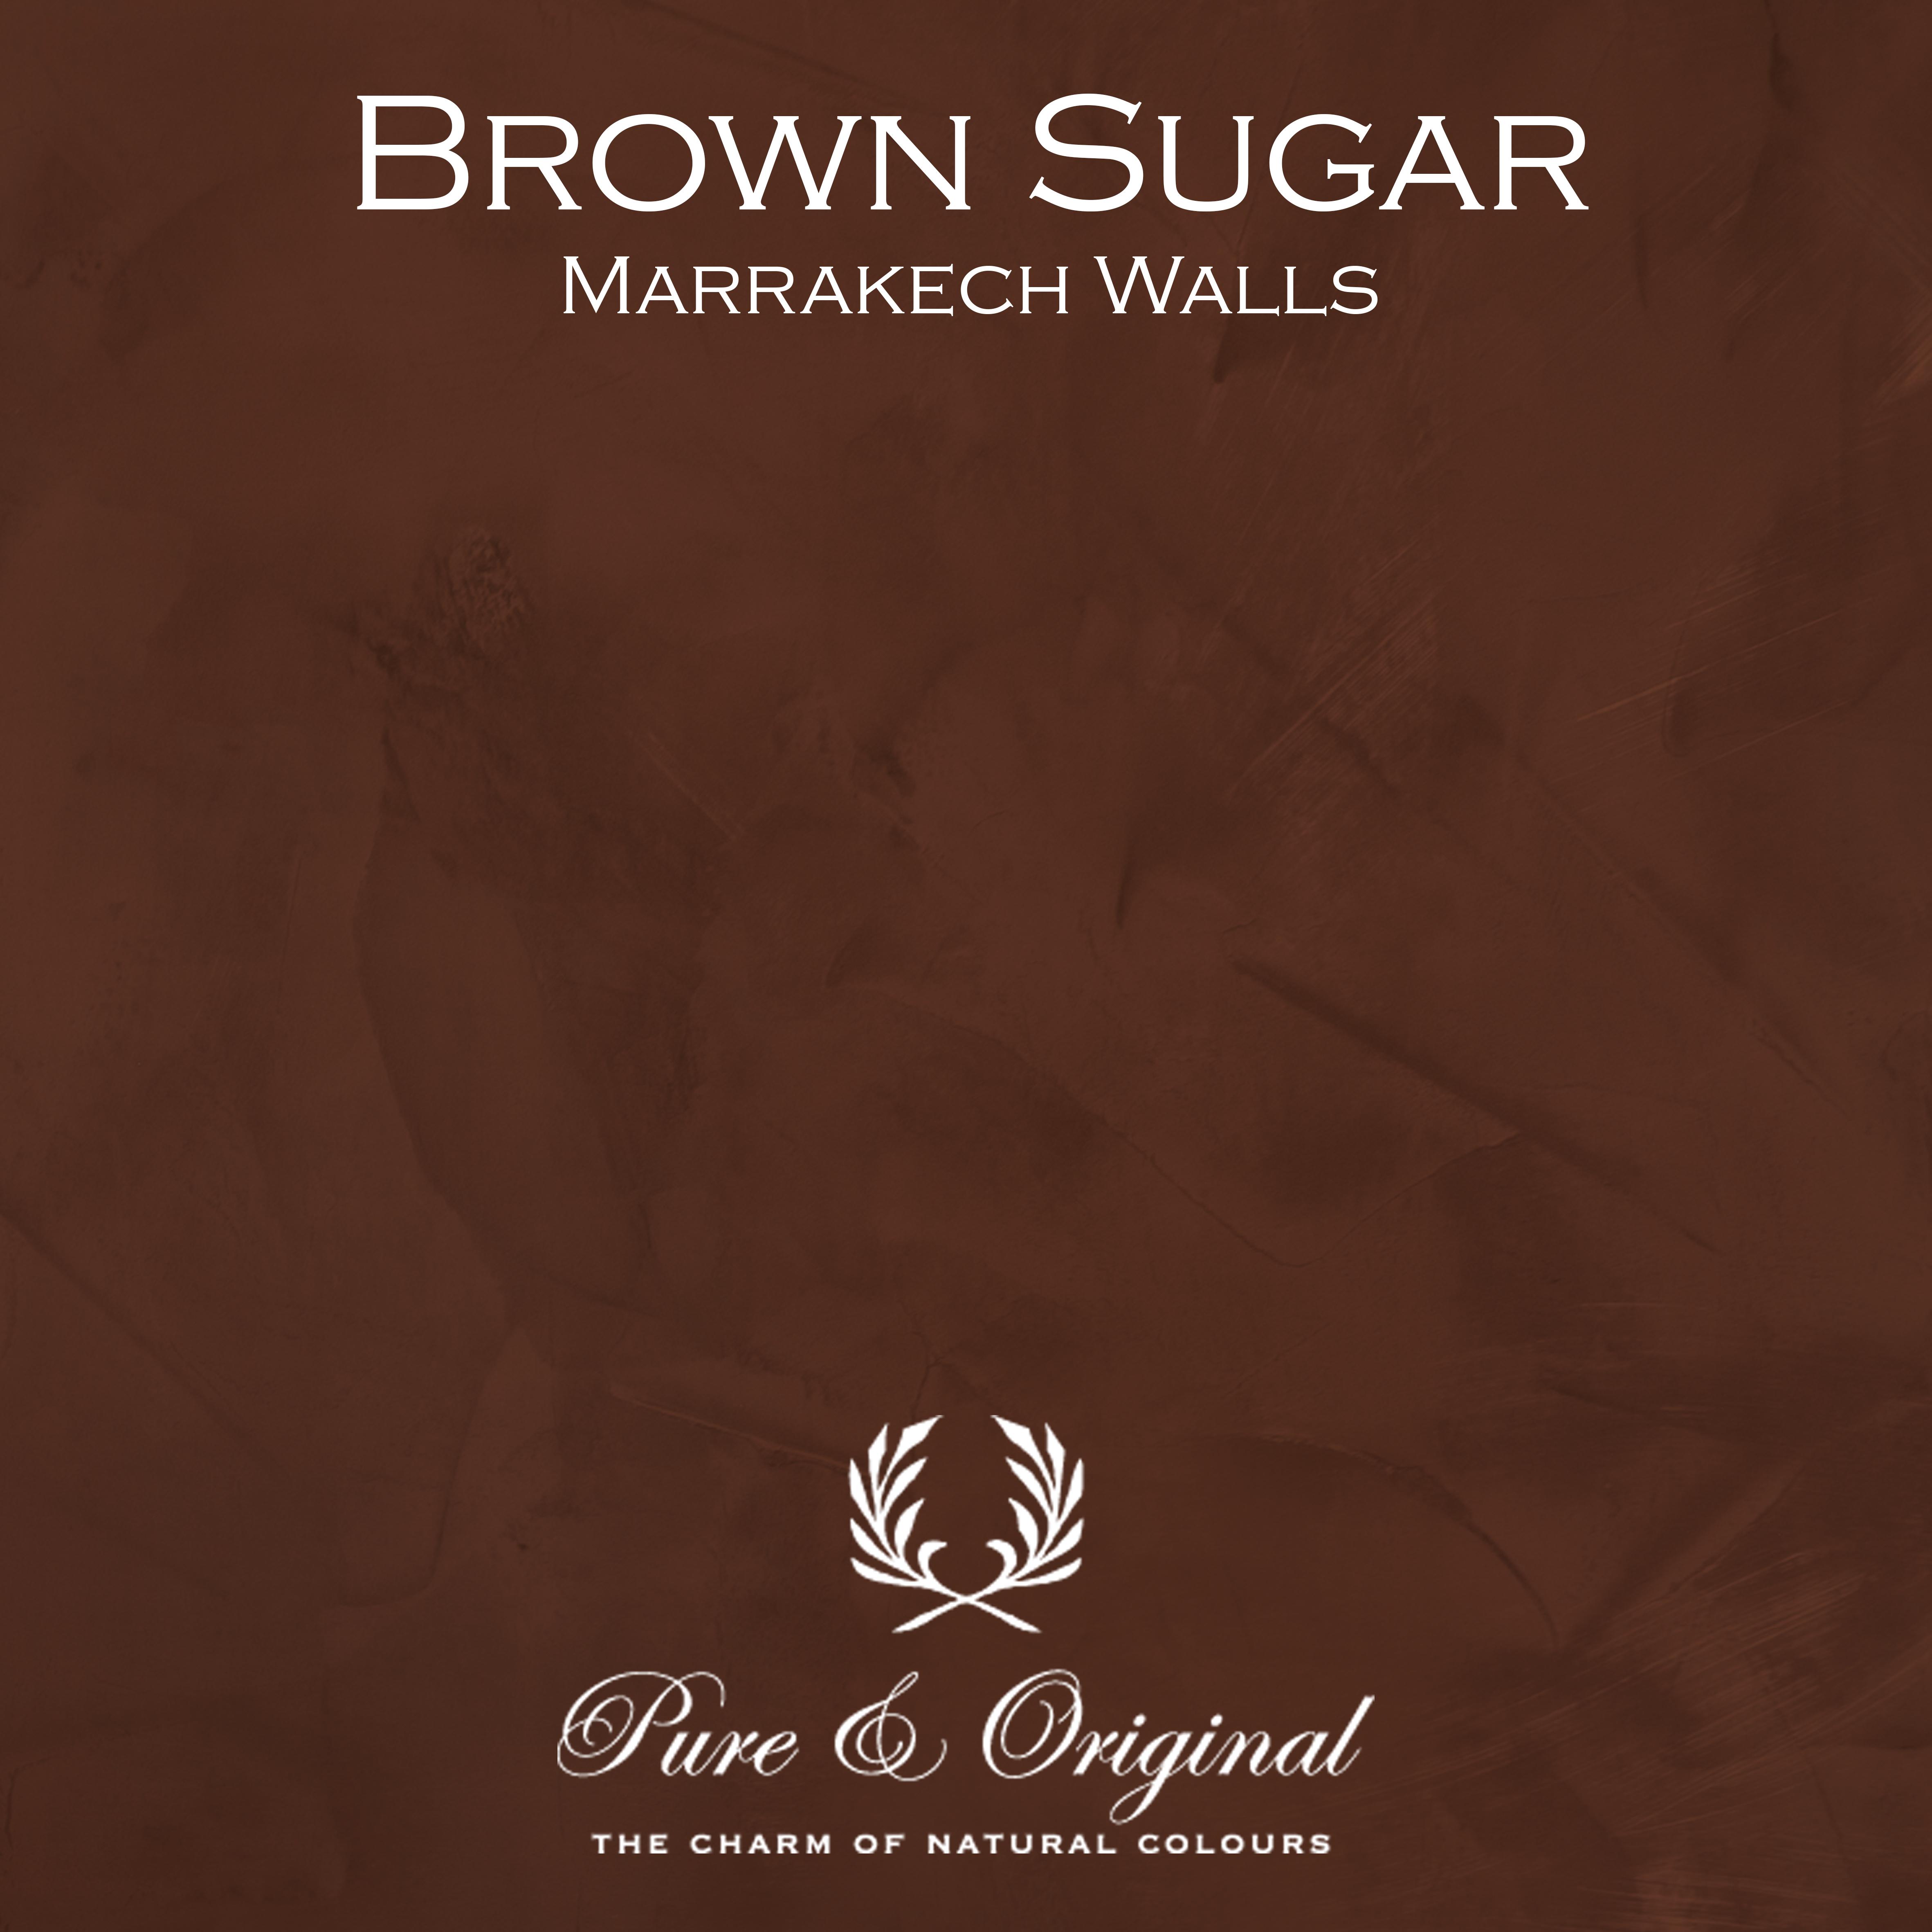 Kulör Brown Sugar, Marrakech Walls kalkfärg